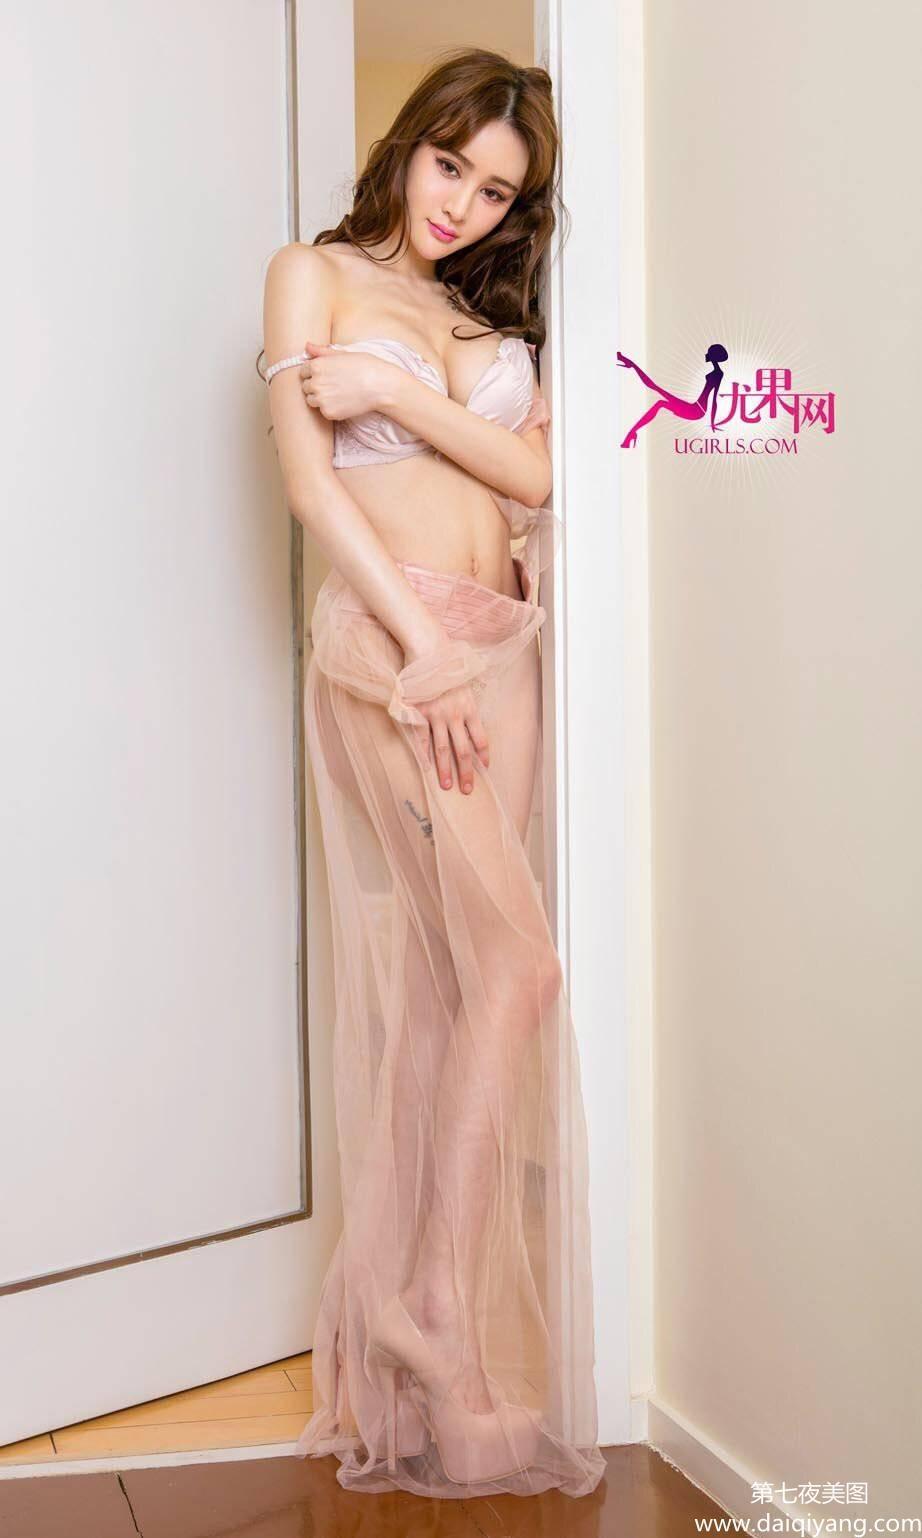 中国高清美女人体艺术 中国乳神美女Cheryl青树超高清人体写真集